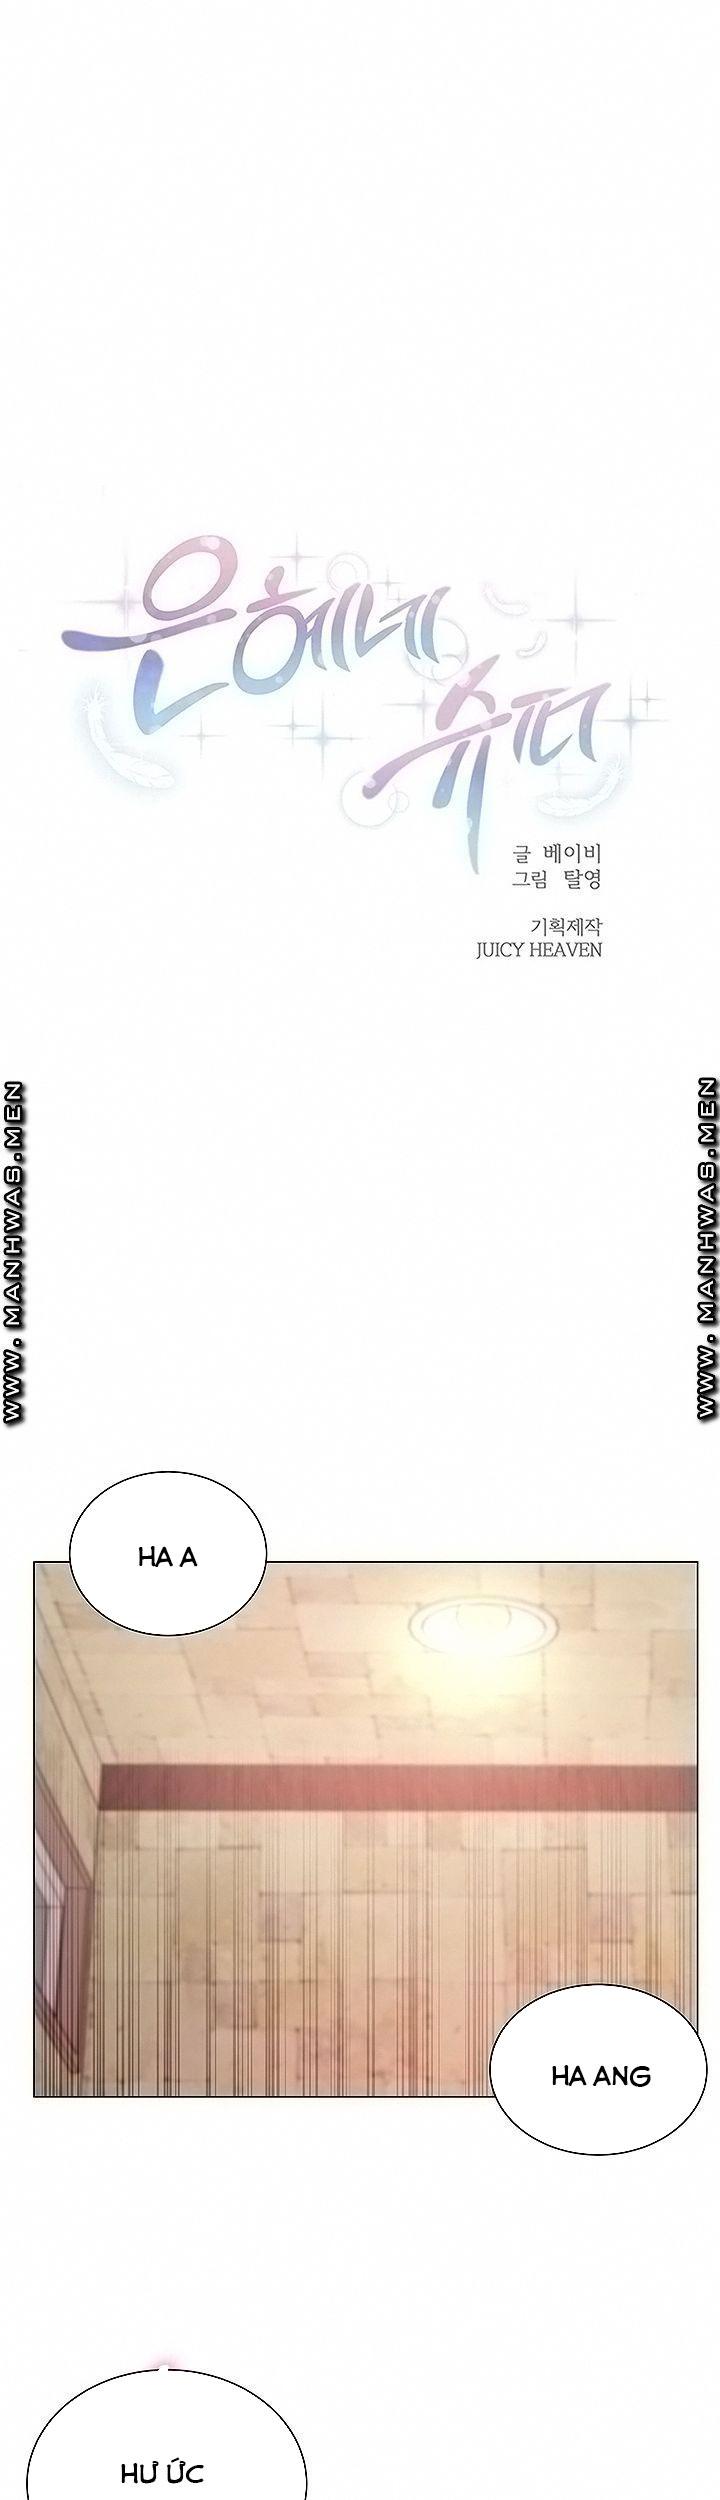 Đọc truyện Cửa Hàng Tiện Lợi Của Chị Eunhye - Chương 66